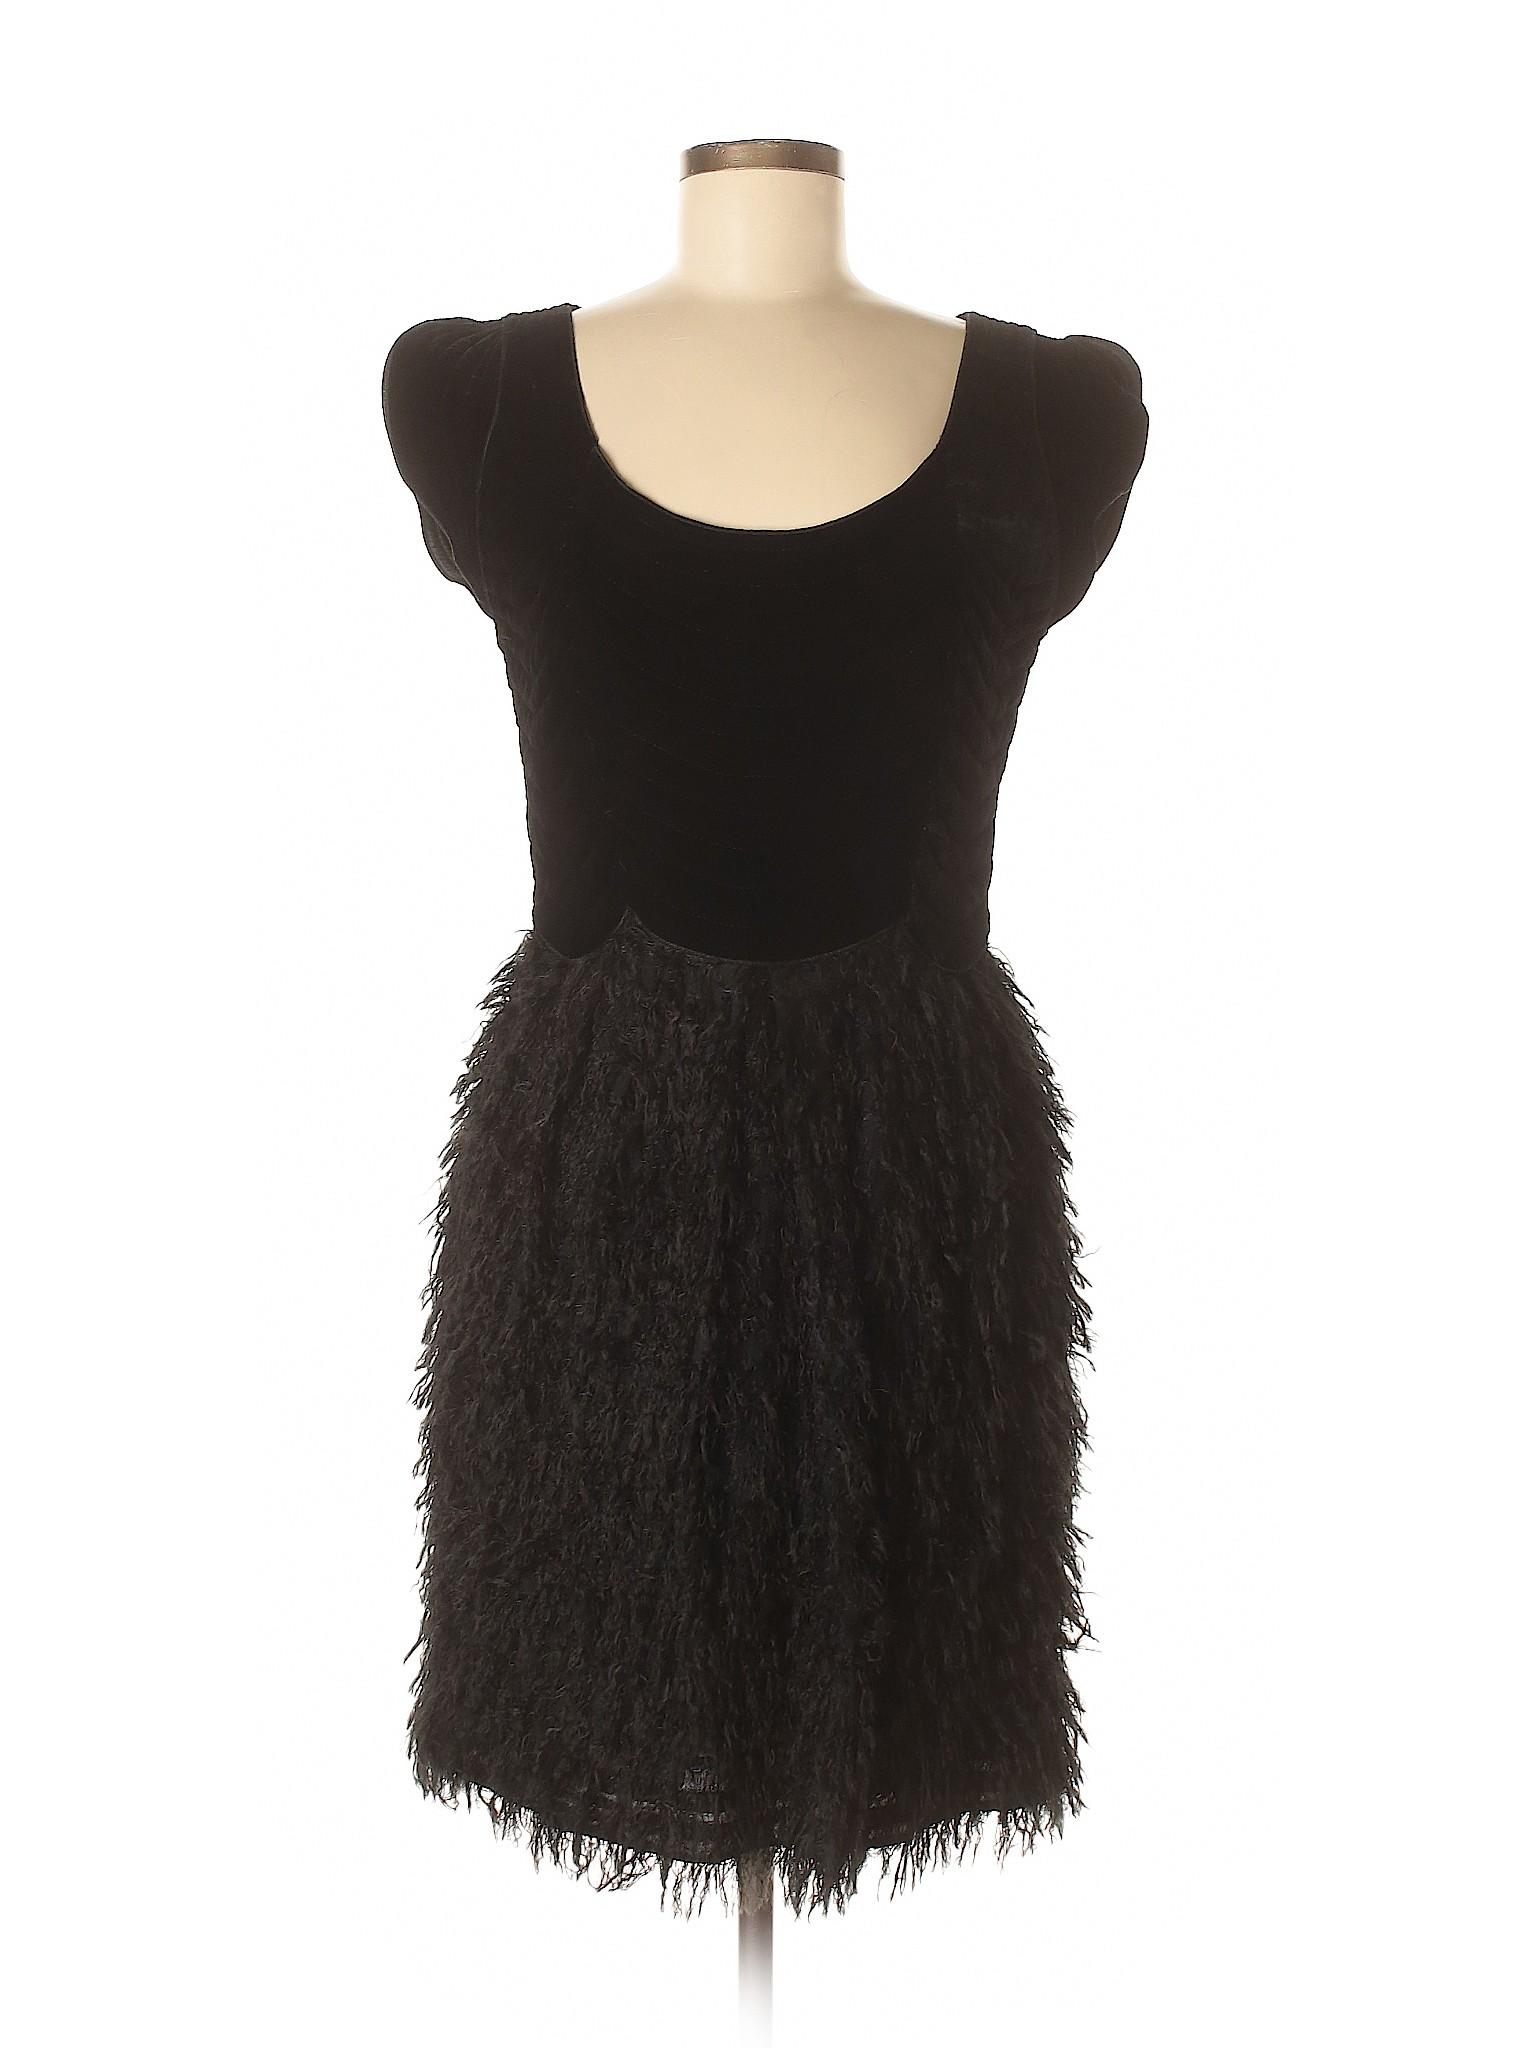 Dress Casual winter Gaultier Jean Boutique Paul a6FXpIxc